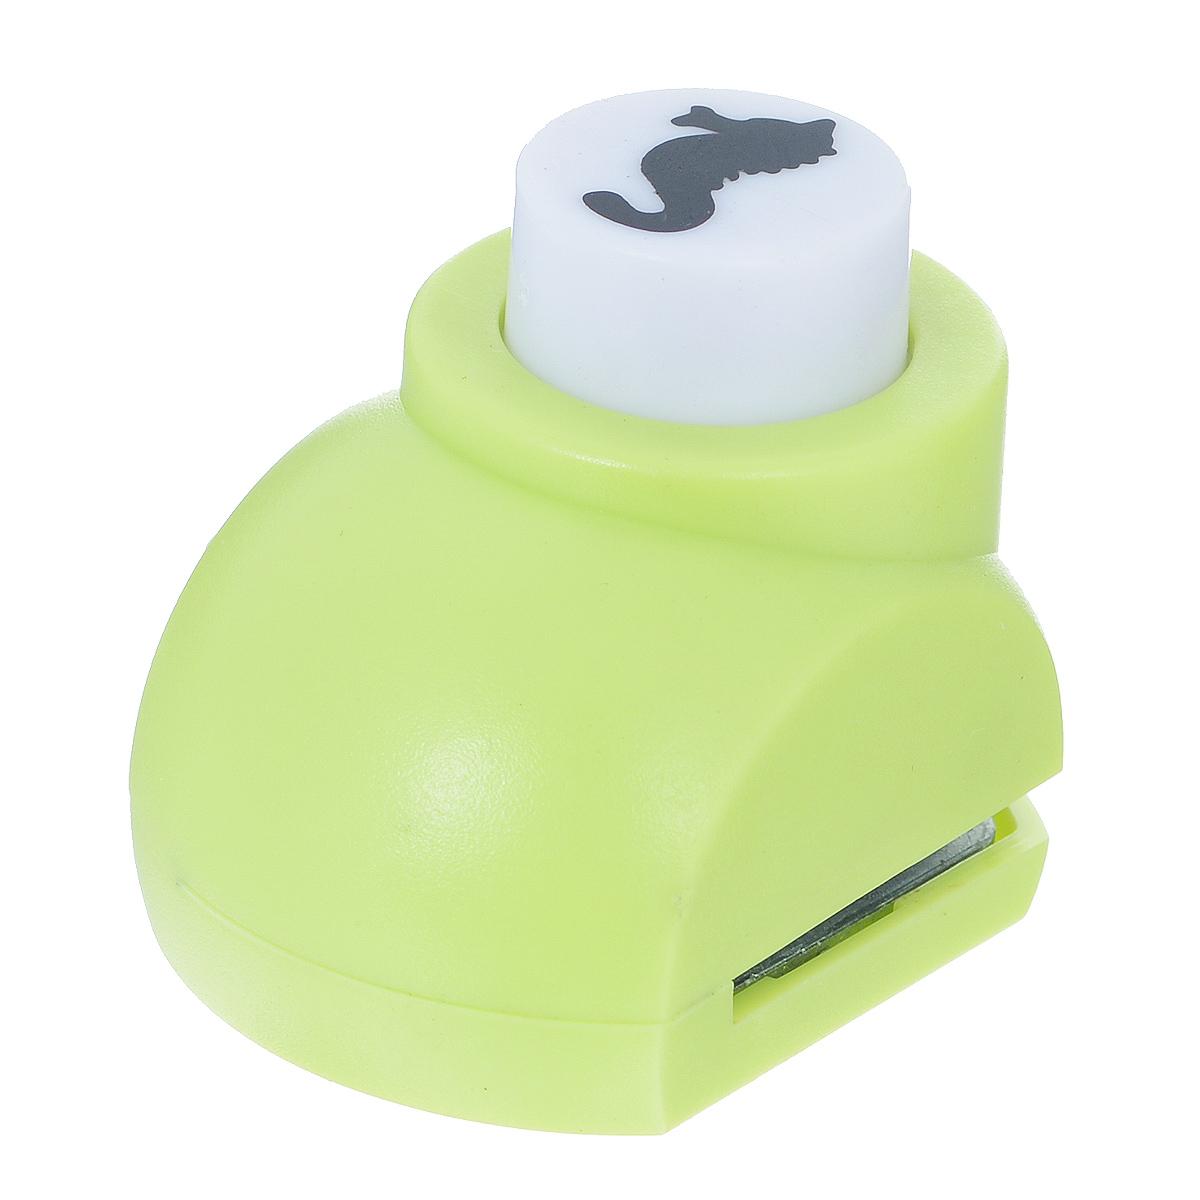 Дырокол фигурный Астра Морской конек. JF-822FS-36052Дырокол Астра Морской конек поможет вам легко, просто и аккуратно вырезать много одинаковых мелких фигурок.Режущие части компостера закрыты пластмассовым корпусом, что обеспечивает безопасность для детей. Можно использовать вырезанные мотивы как конфетти или для наклеивания. Дырокол подходит для разных техник: декупажа, скрапбукинга, декорирования.Размер дырокола: 4 см х 3 см х 4 см. Размер готовой фигурки: 1,5 см х 0,7 см.